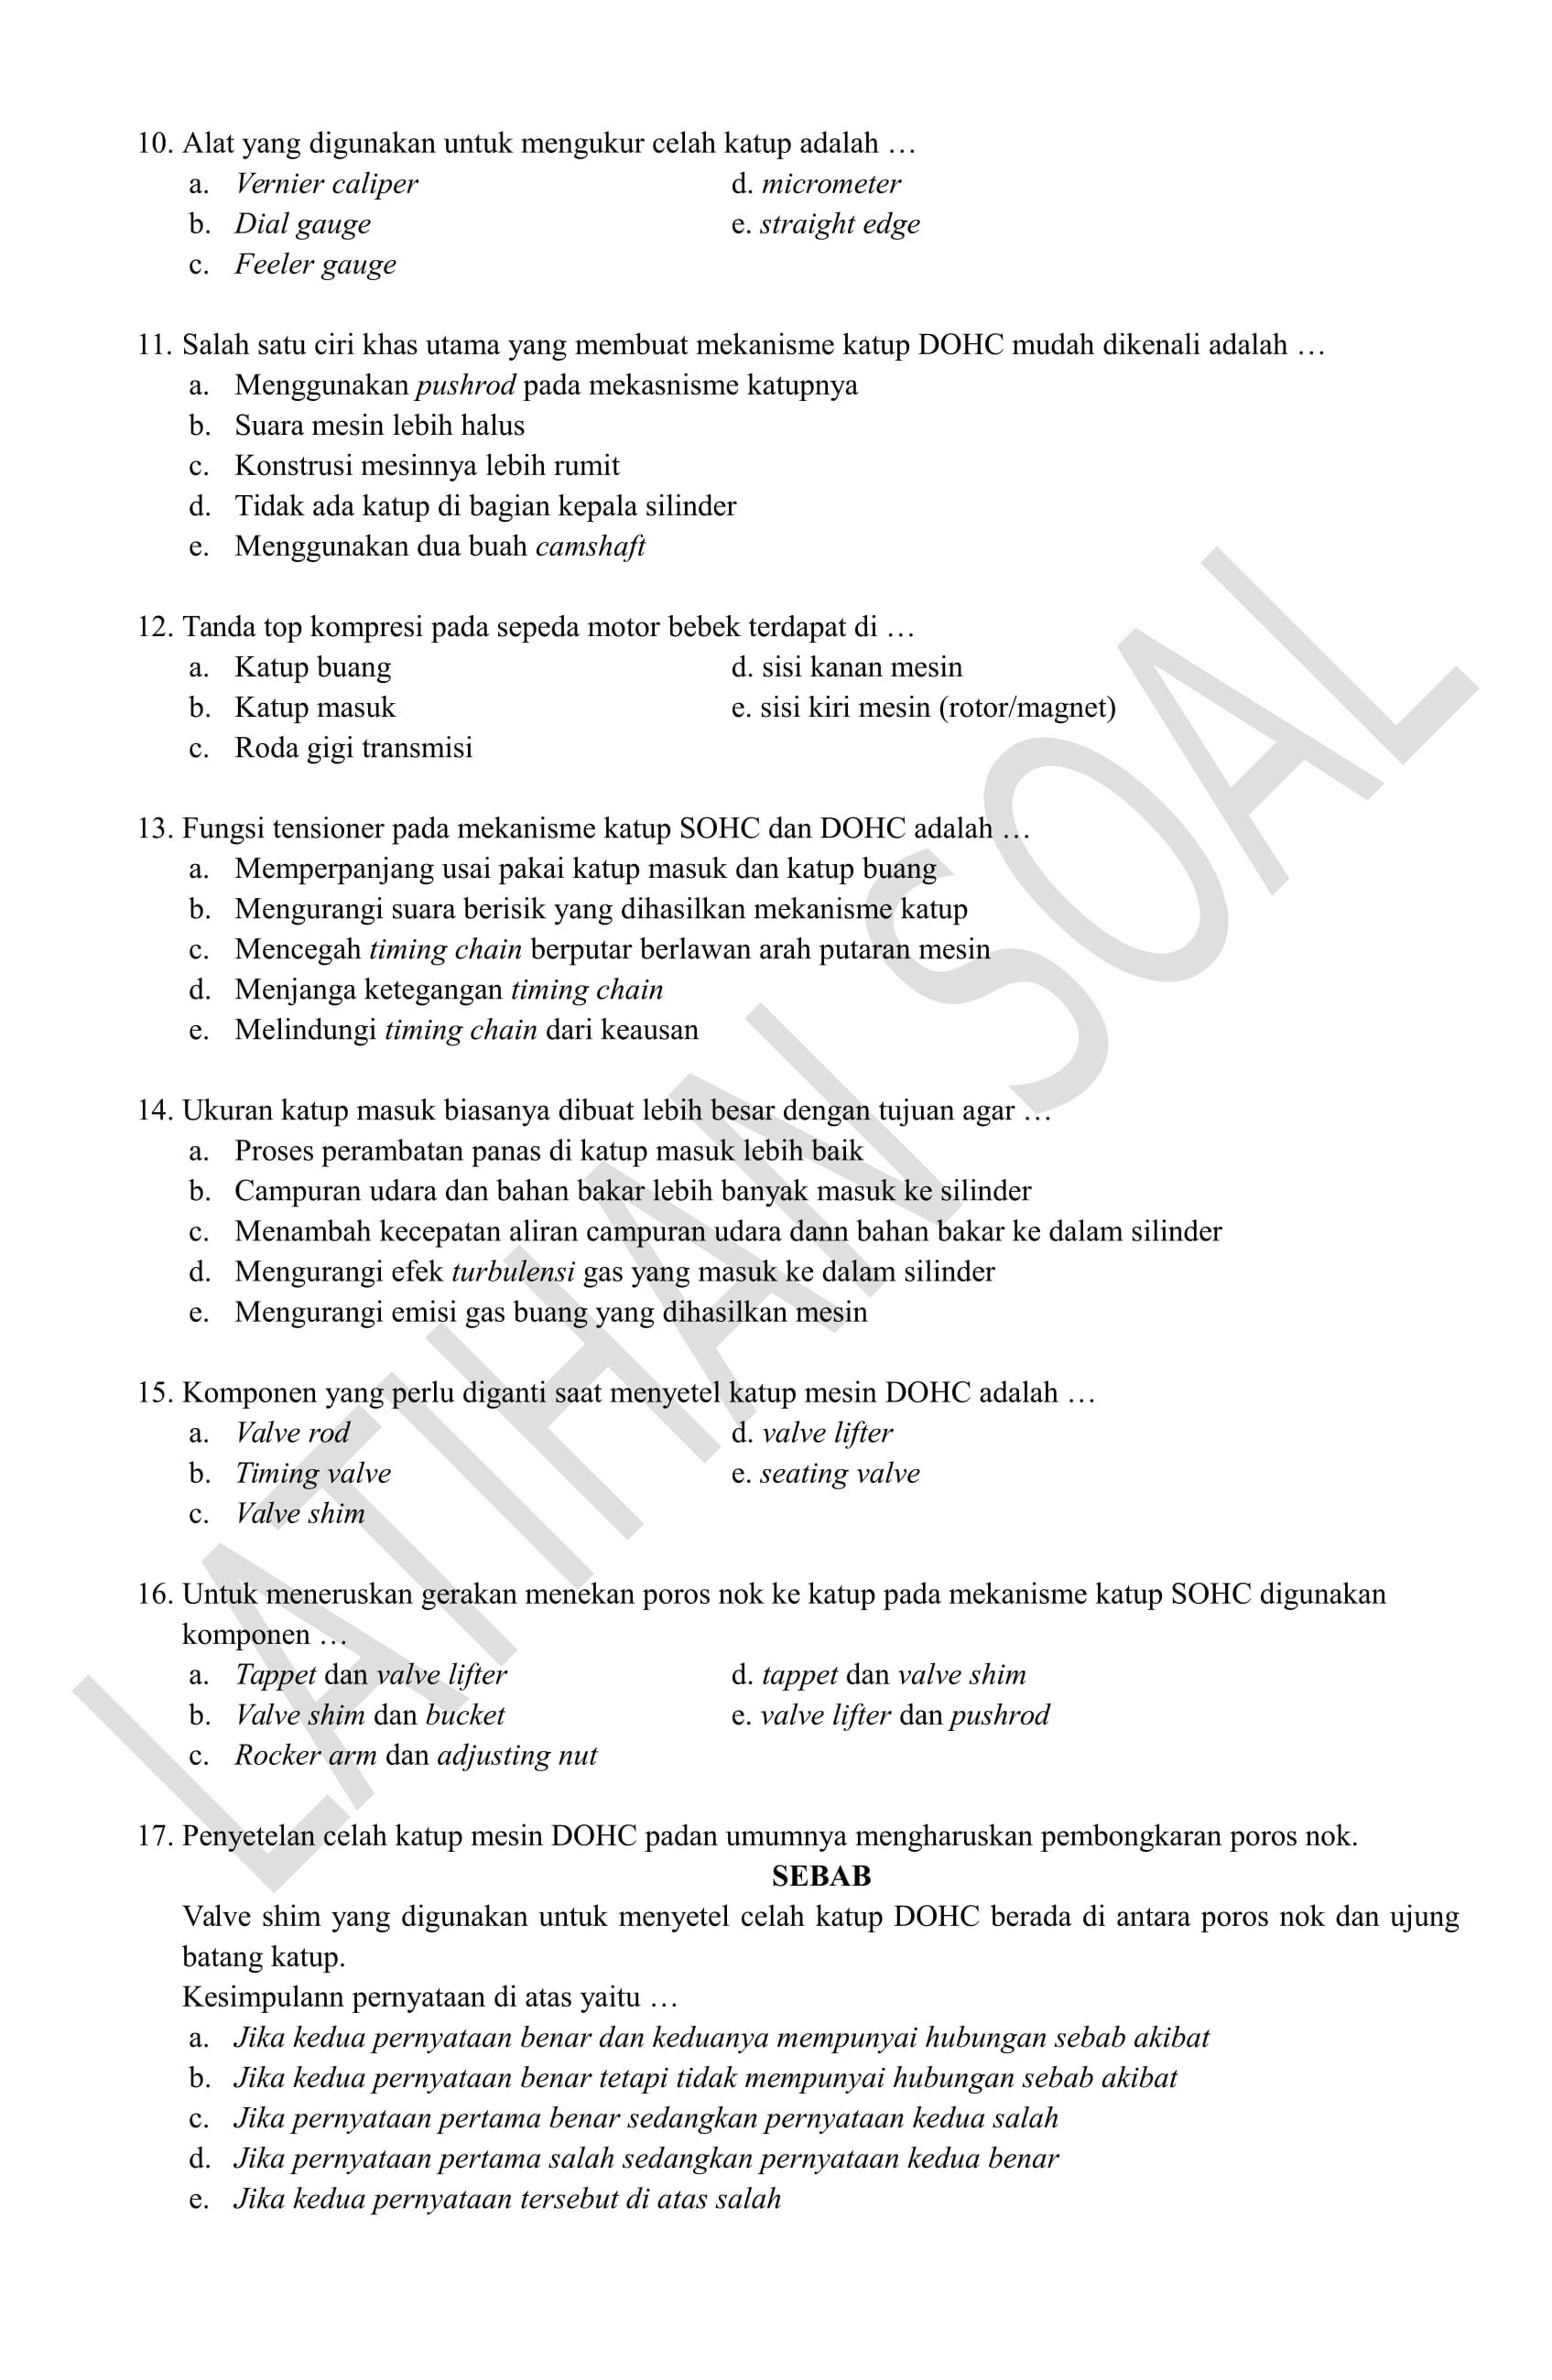 Latihan Soal Pemeliharaan Mesin Sepeda Motor Automotive Class